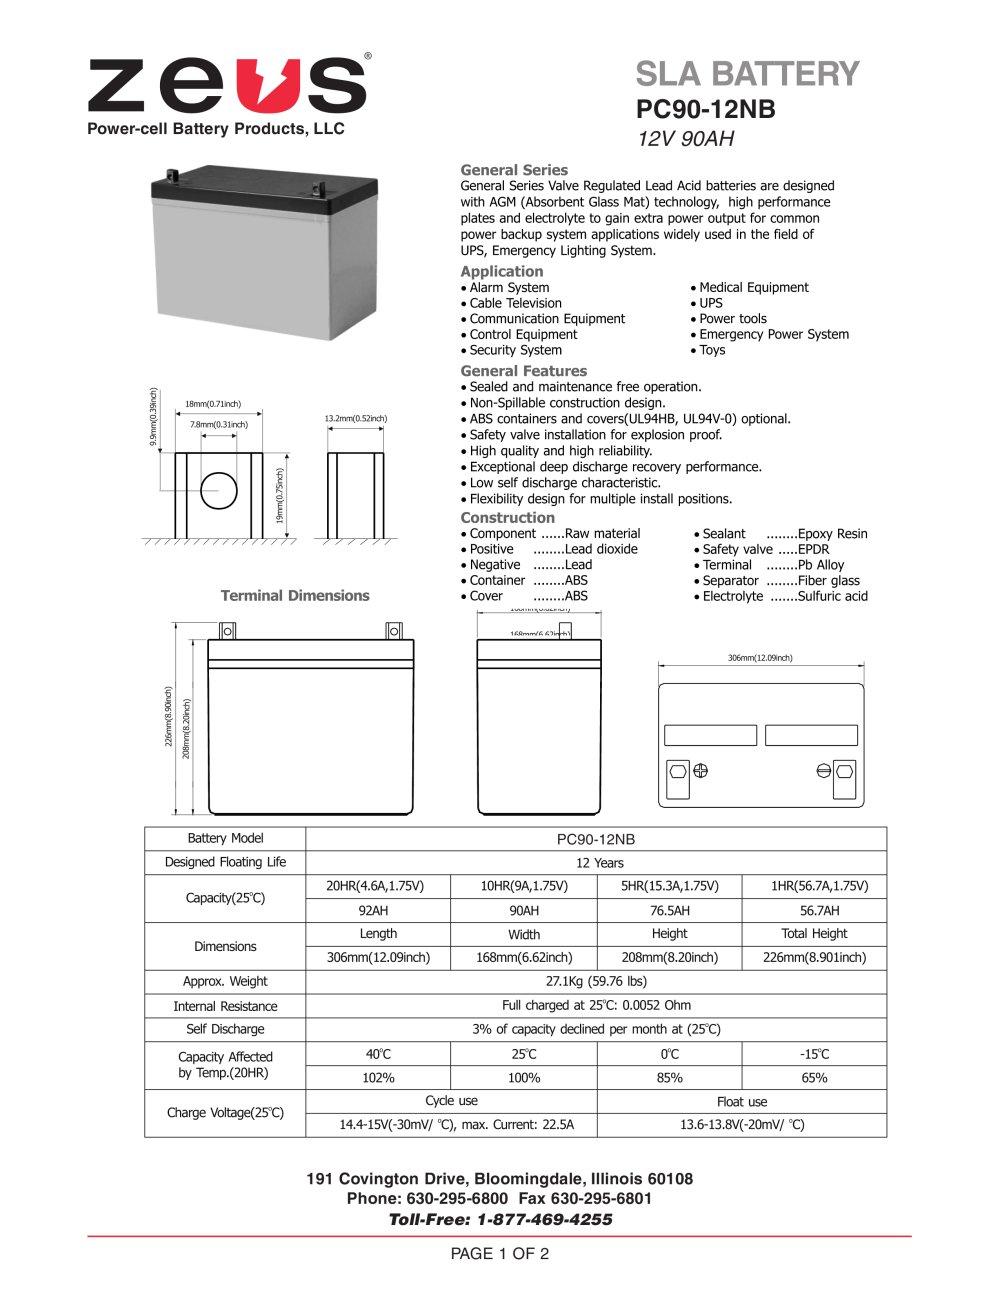 Pc90 12nb 12 Volt 90 Ah Sealed Lead Acid Battery Zeus Diagram 1 2 Pages